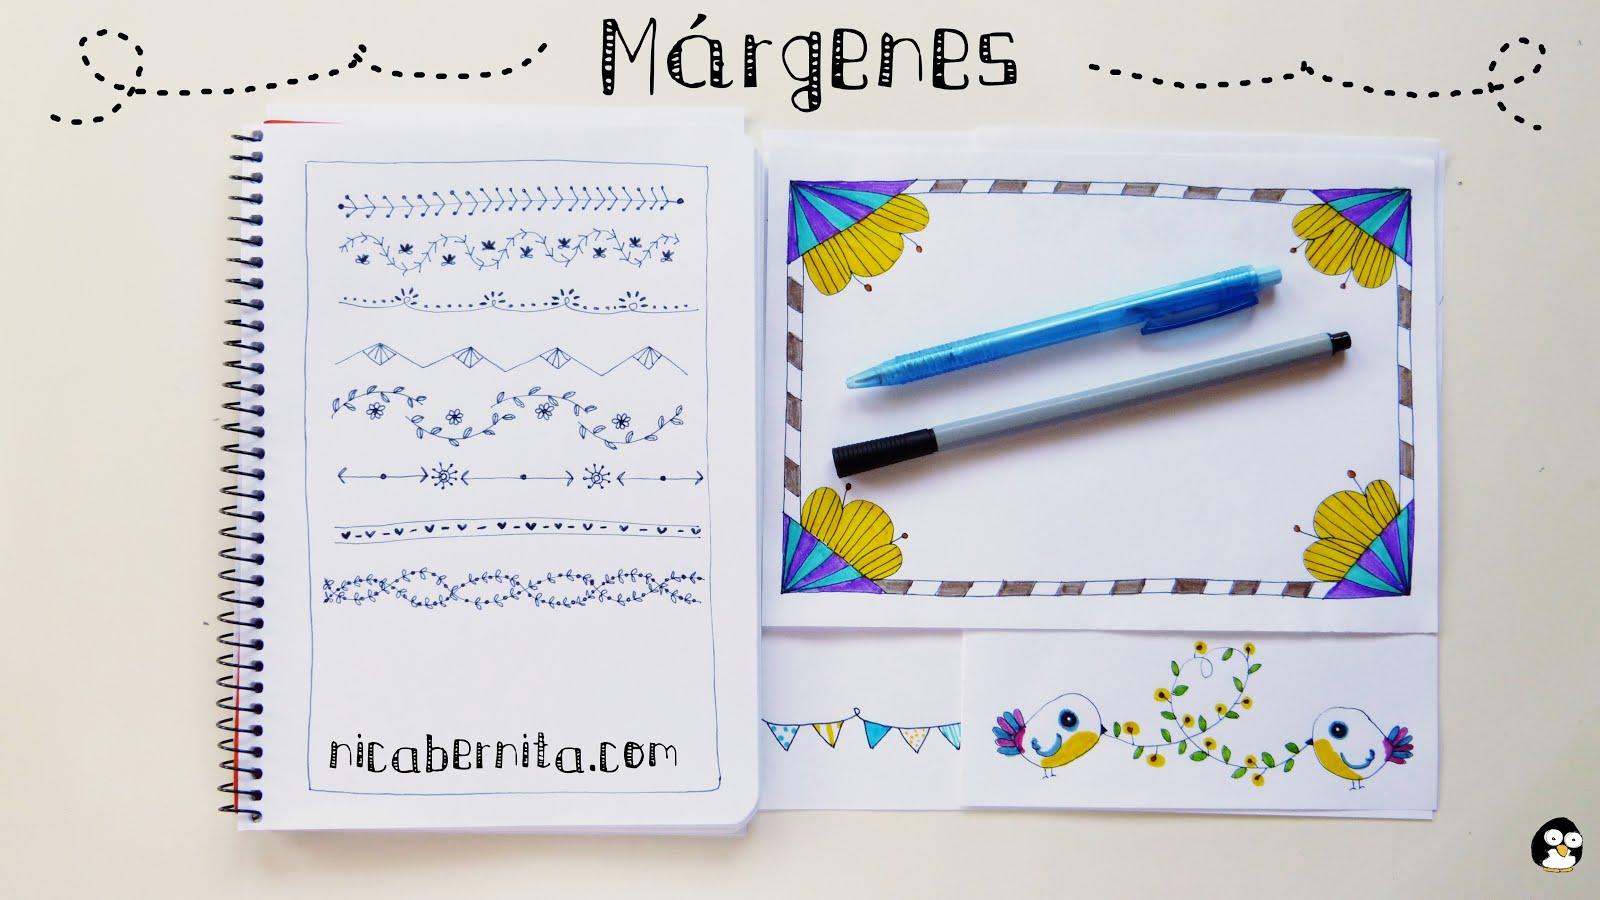 Más de 10 IDEAS de MÁRGENES para decorar hojas de cuadernos ...